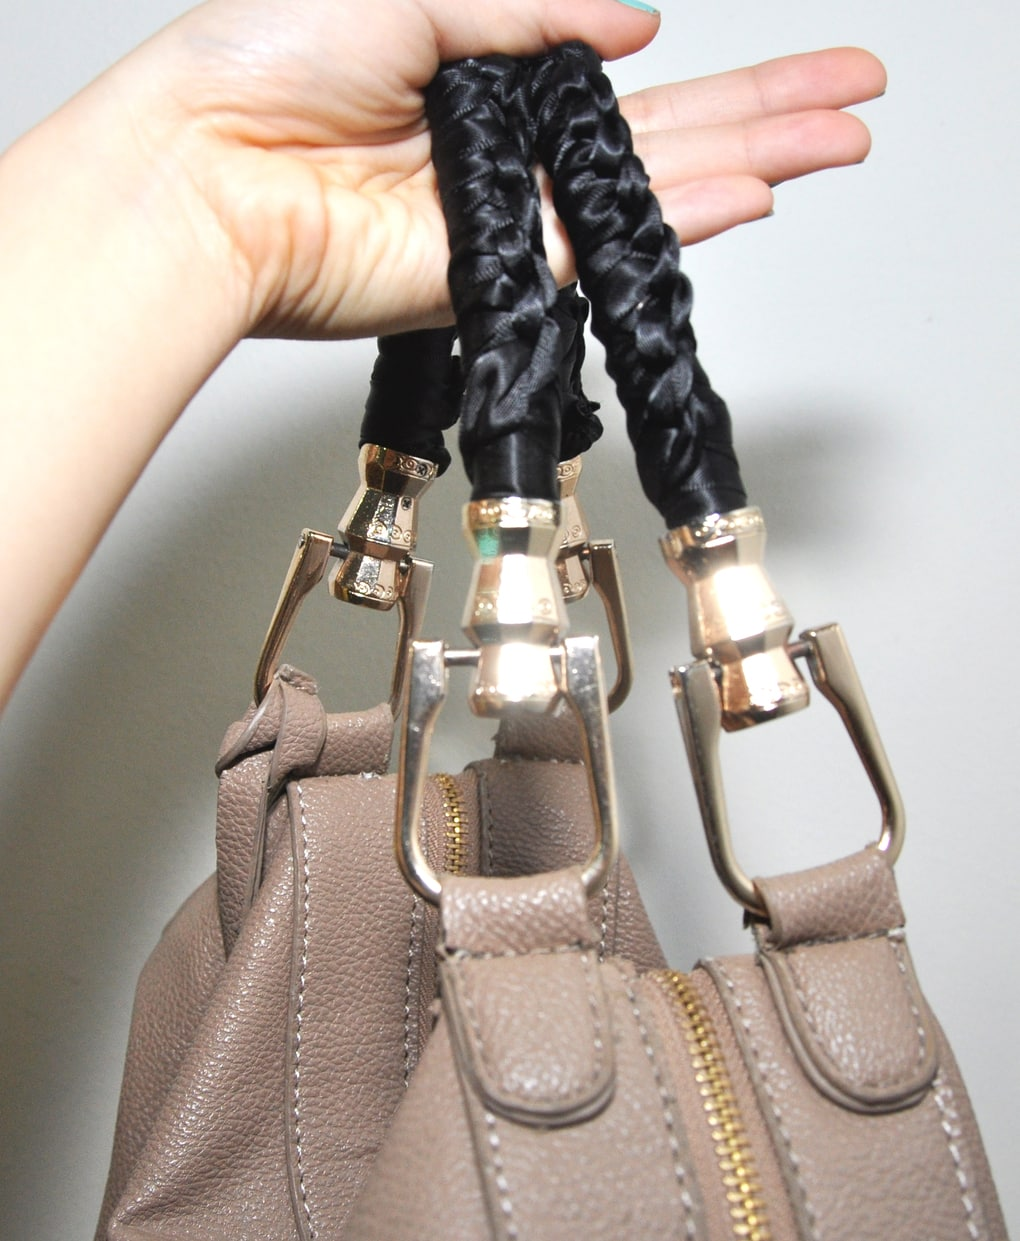 Ремонт ручек на сумке - ателье мобильный портной спб ️